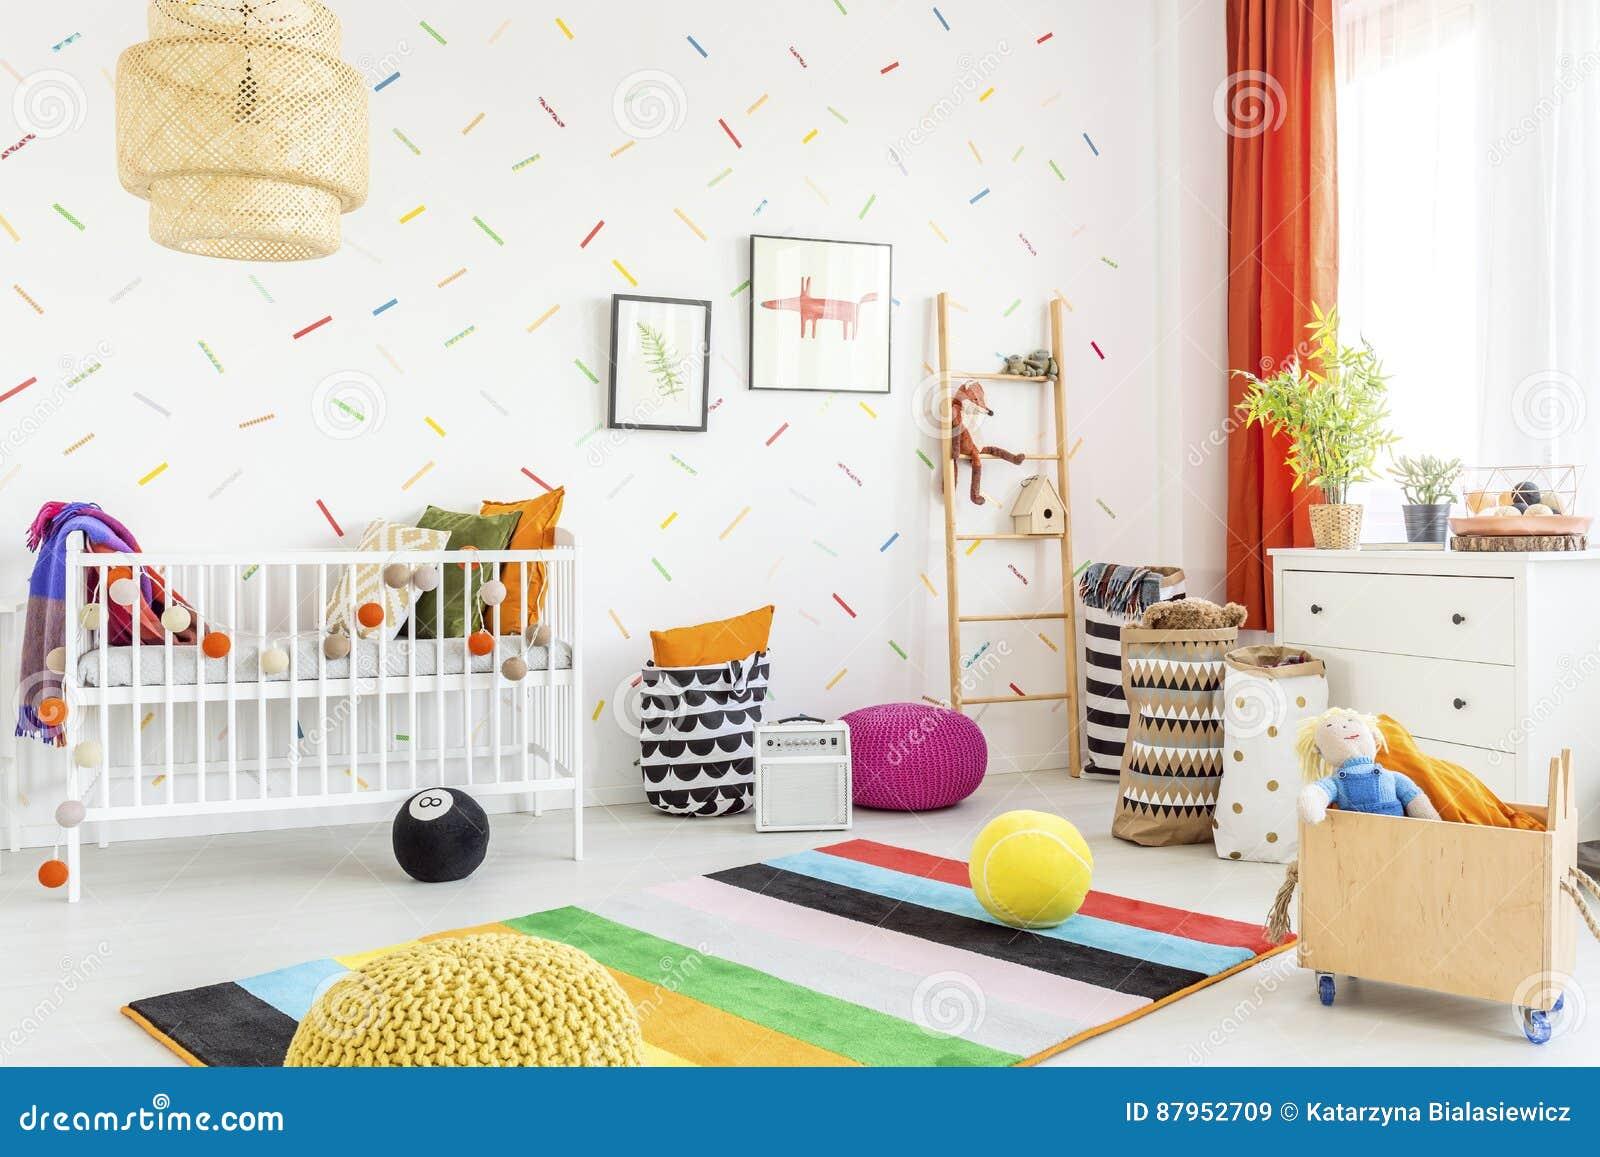 Désordre dans une salle de bébé